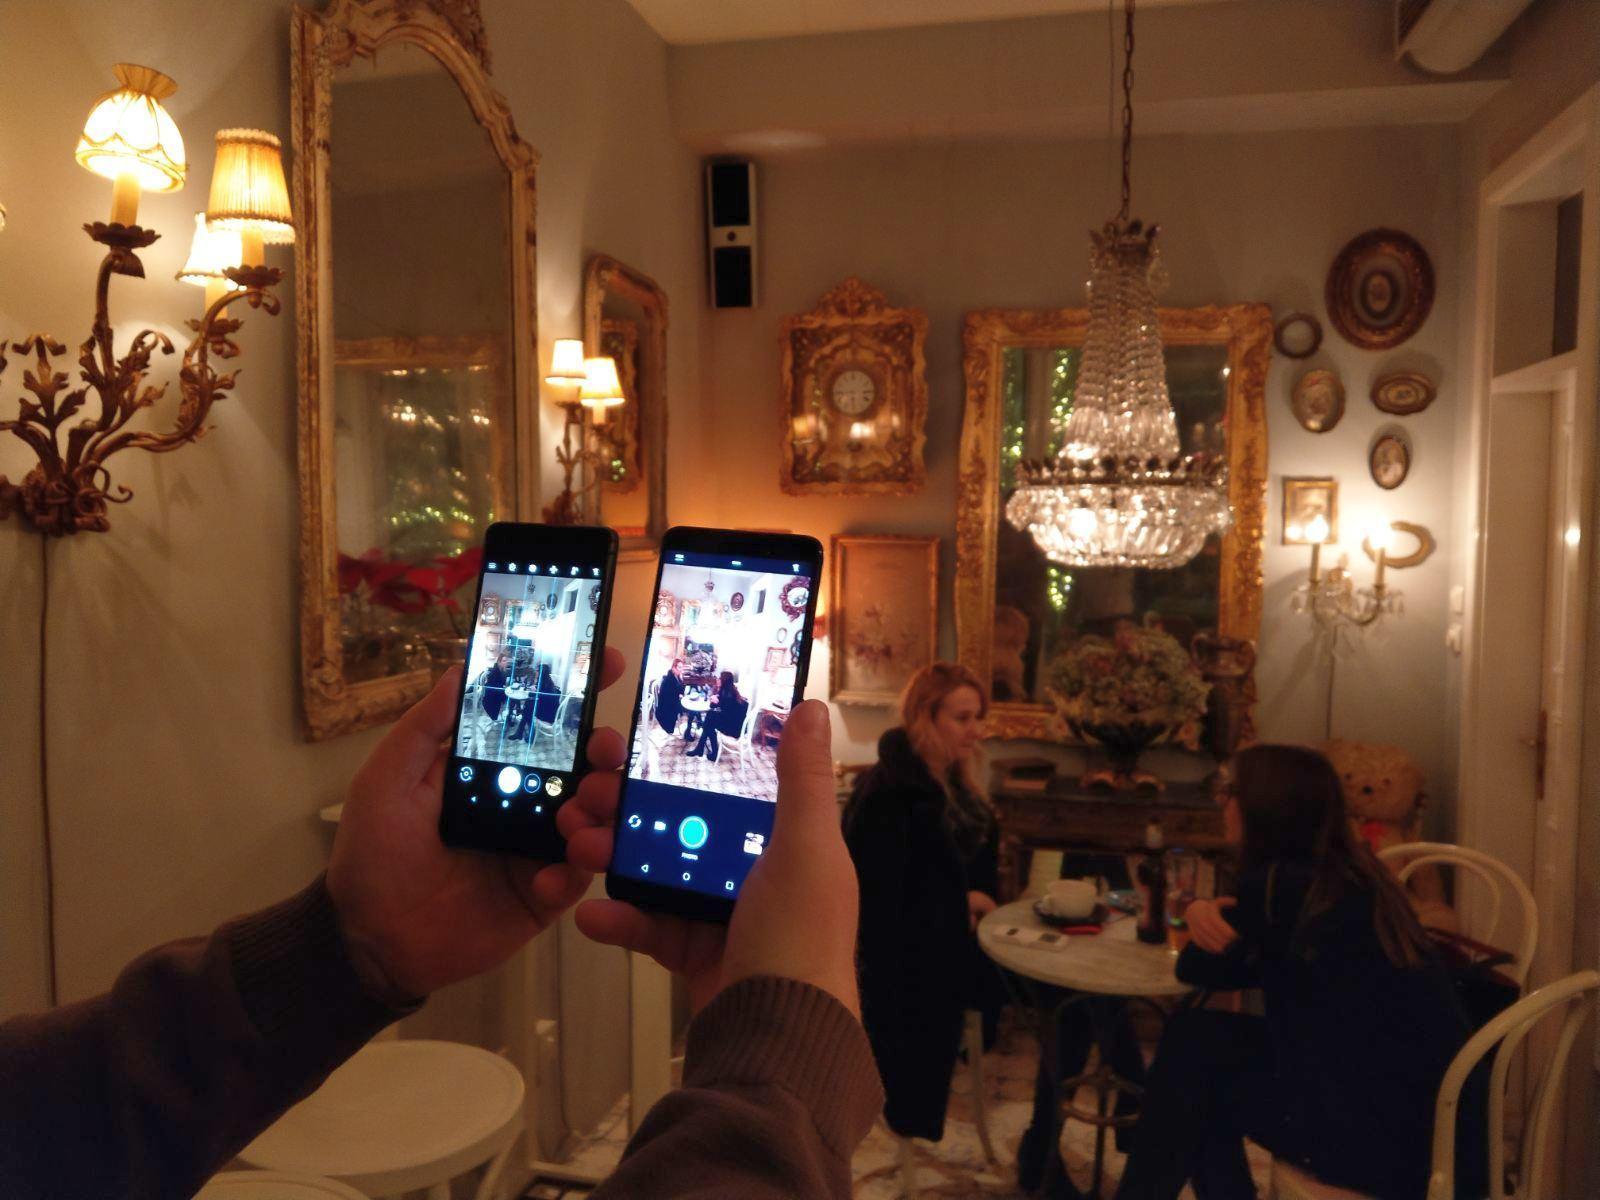 HTC U11 vs Pixel 2 2